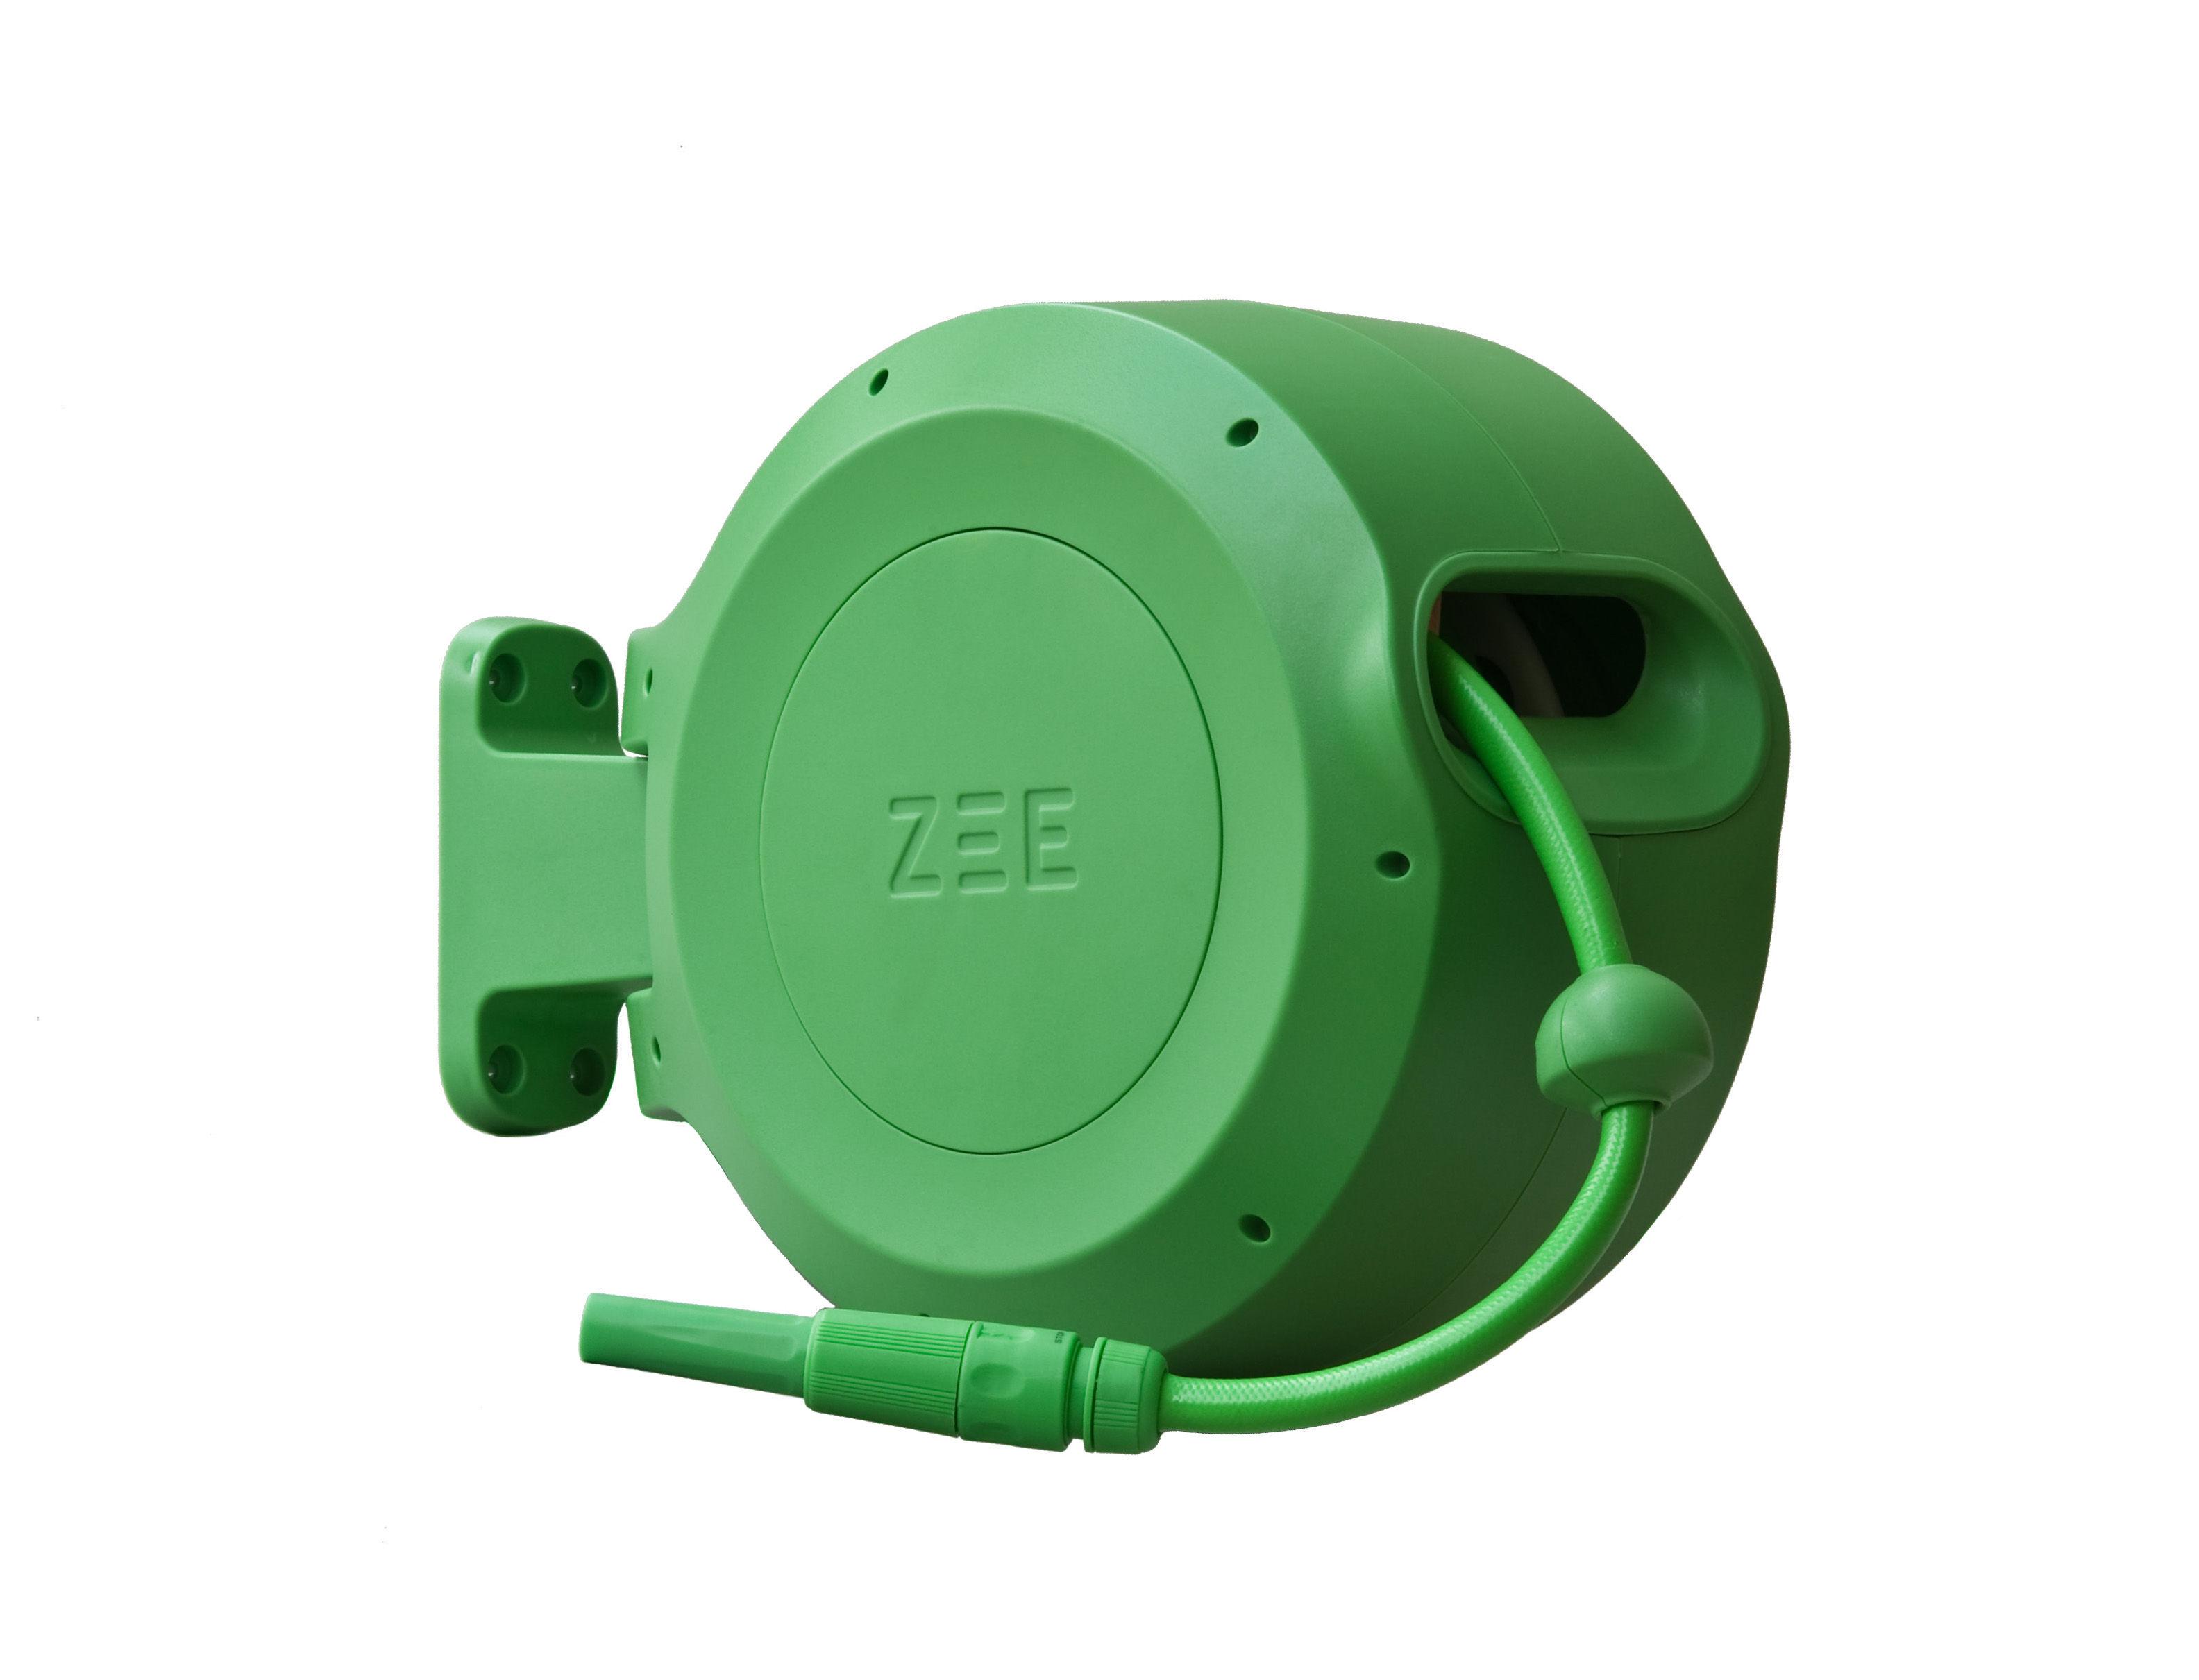 tuyau d 39 arrosage mirtoon 10m enrouleur automatique pistolet offert vert zee. Black Bedroom Furniture Sets. Home Design Ideas